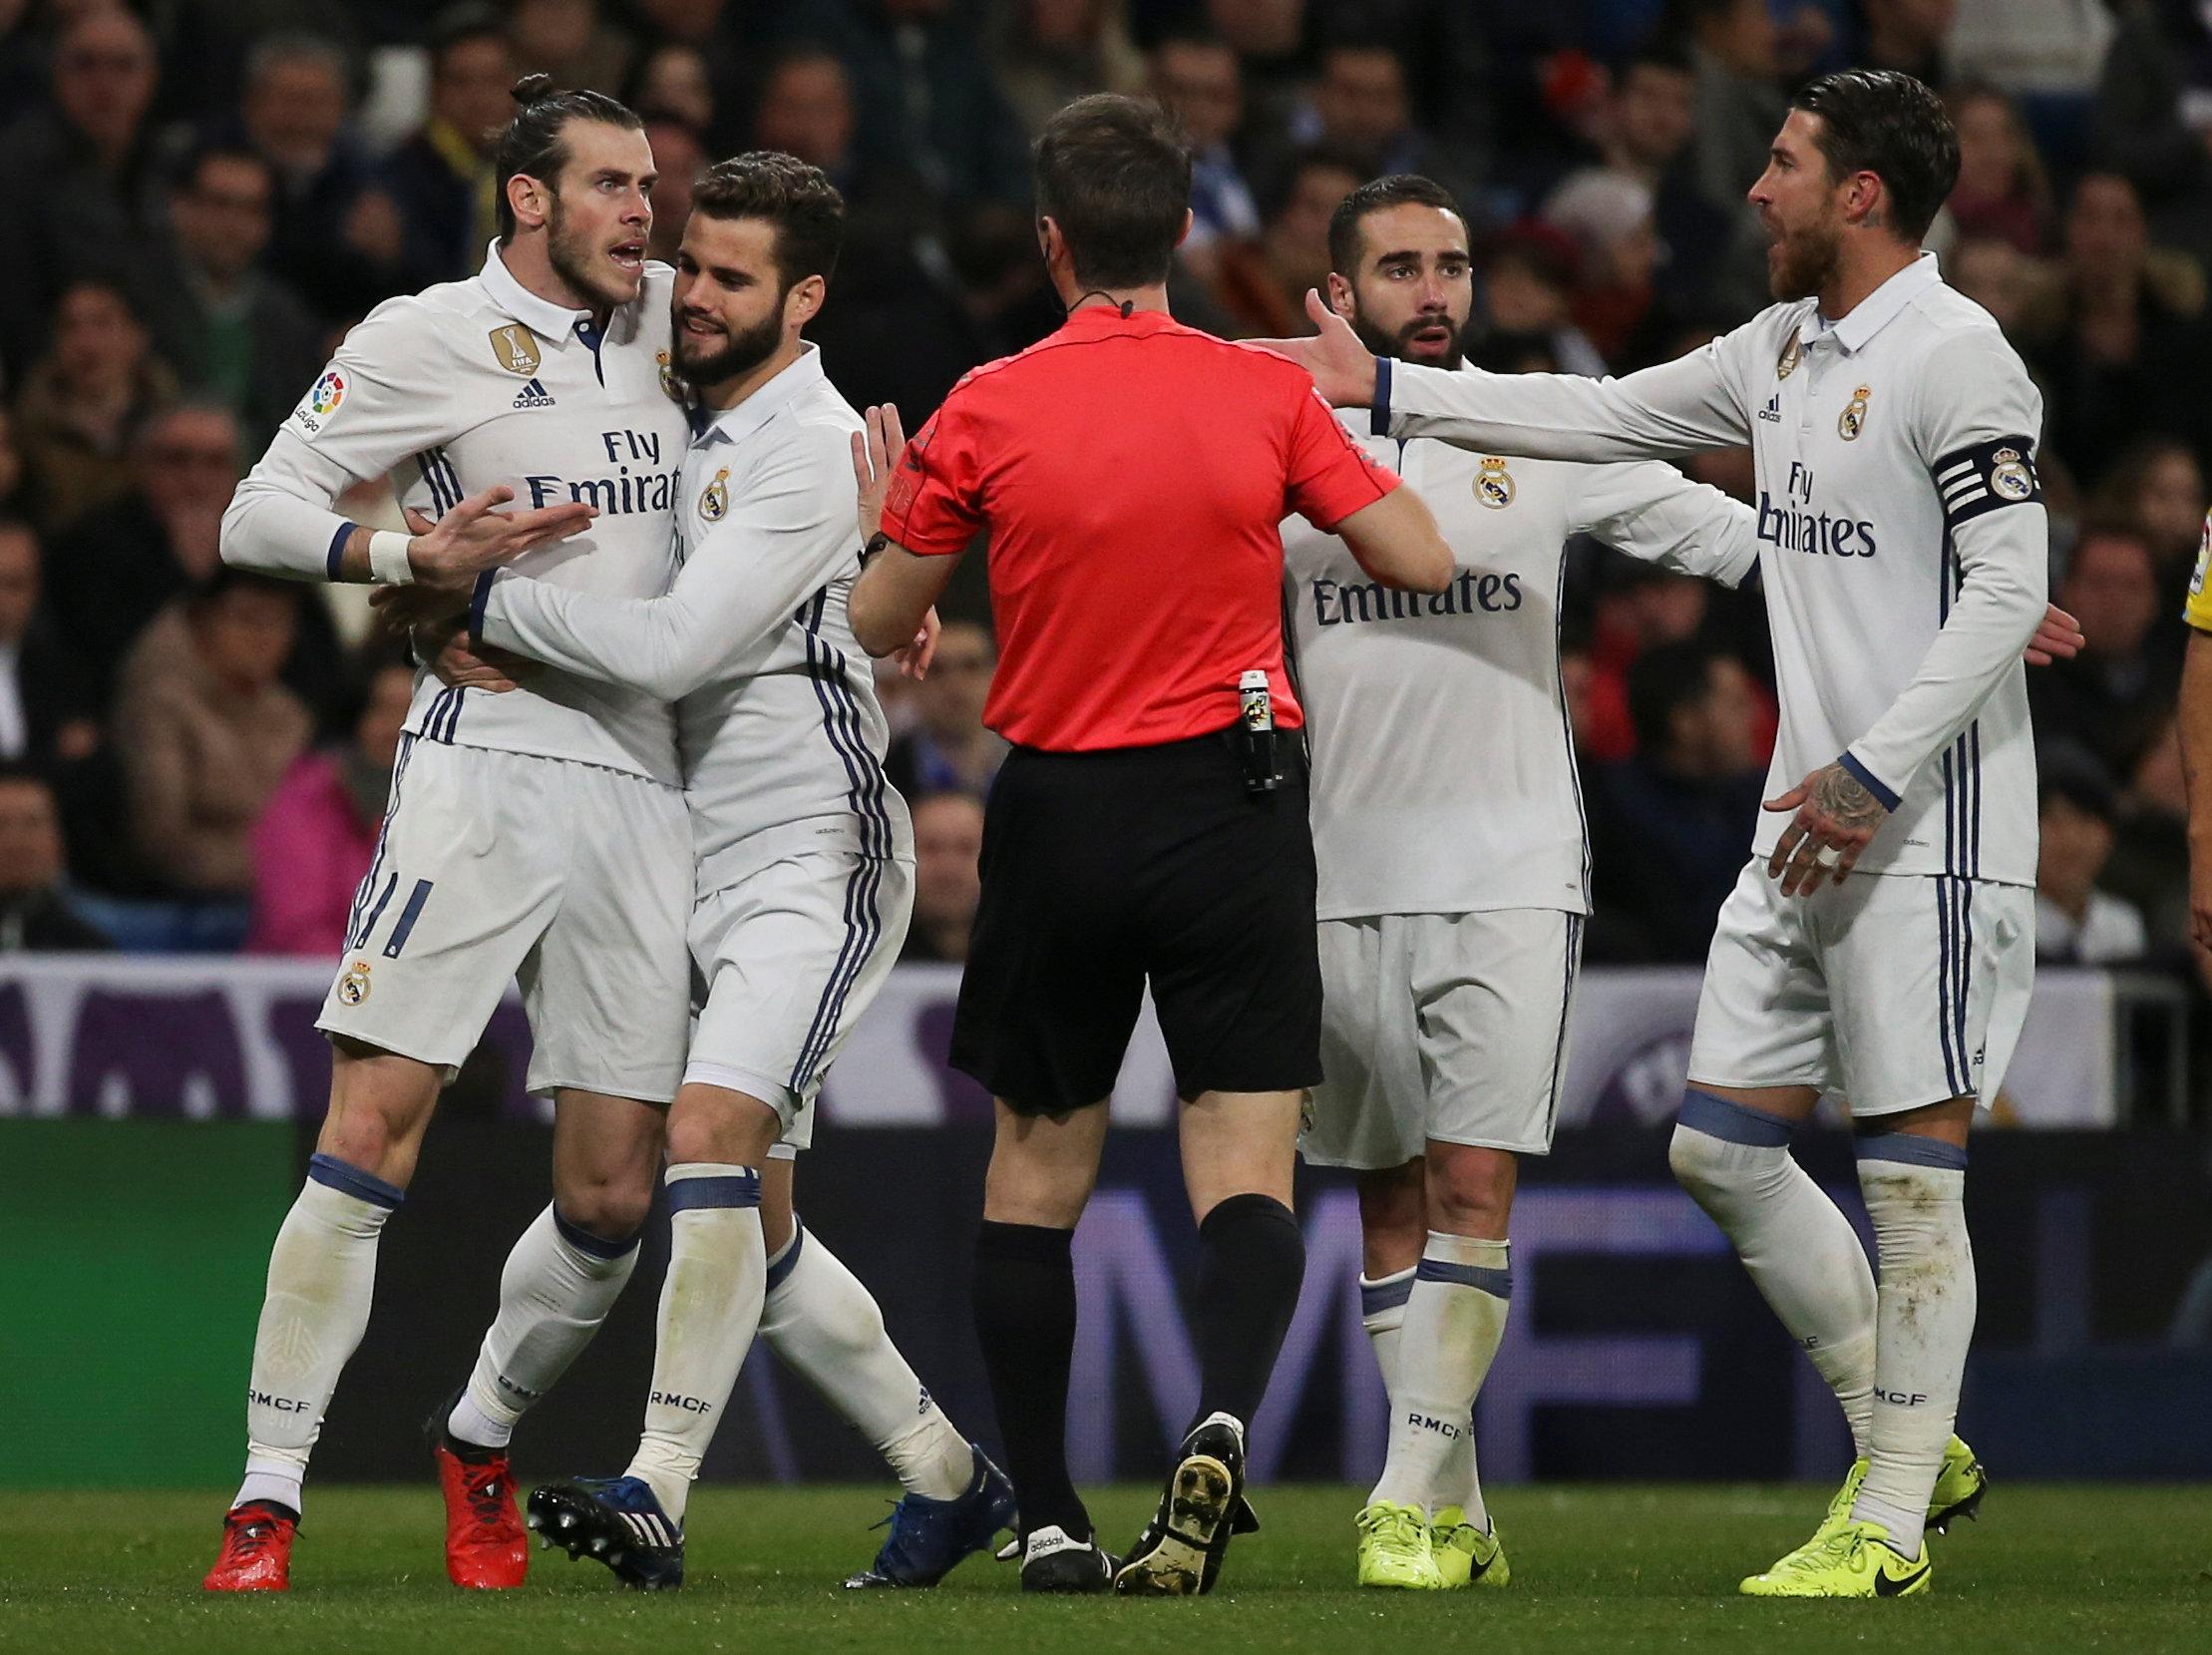 Un ataque de locura de Bale baja del liderato al Real Madrid